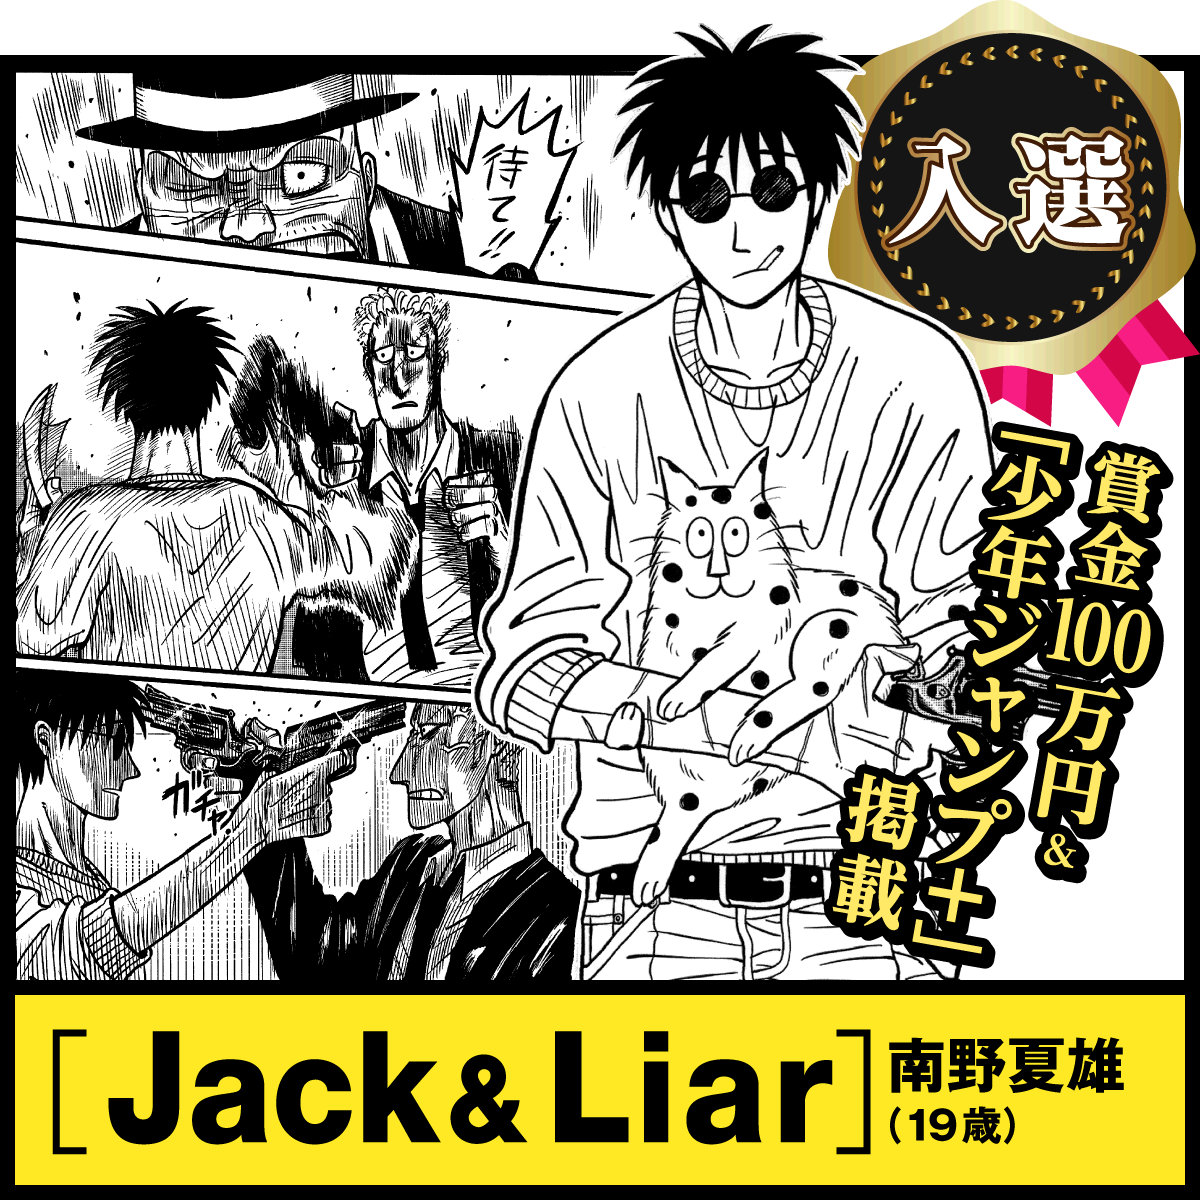 Jack&Liar 南野夏雄